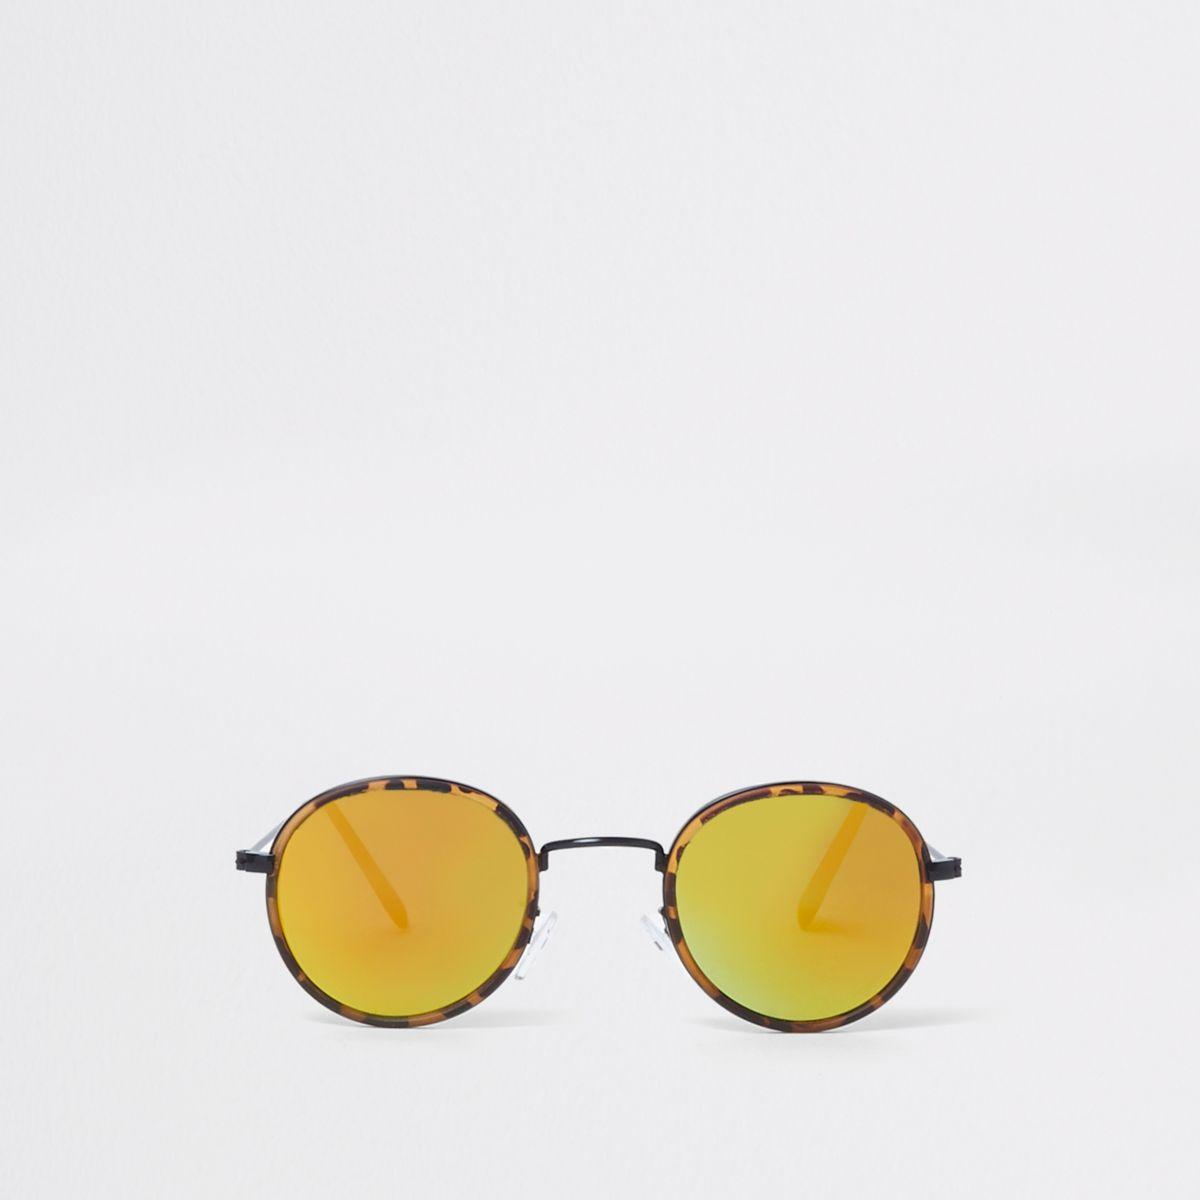 Brown tortoiseshell yellow lense sunglasses